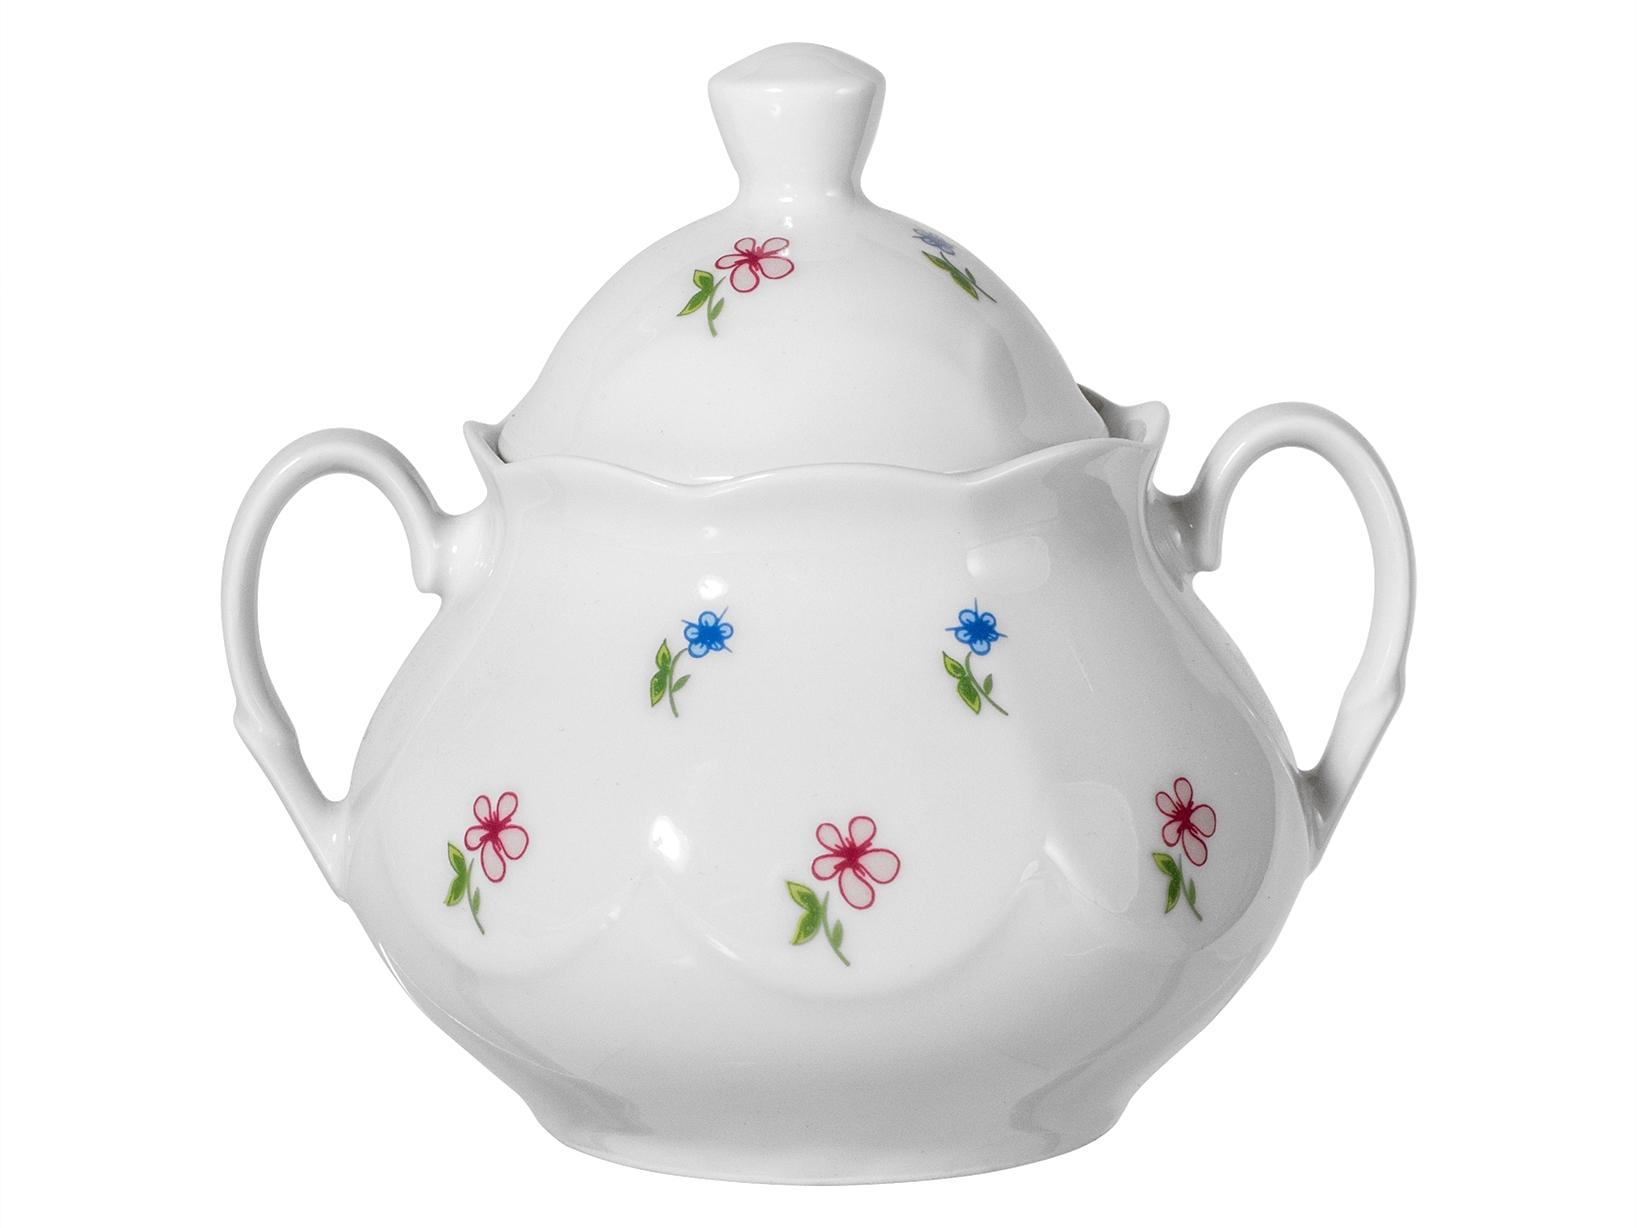 Zuccheriera Porcellana Jastra 1170 Cc300